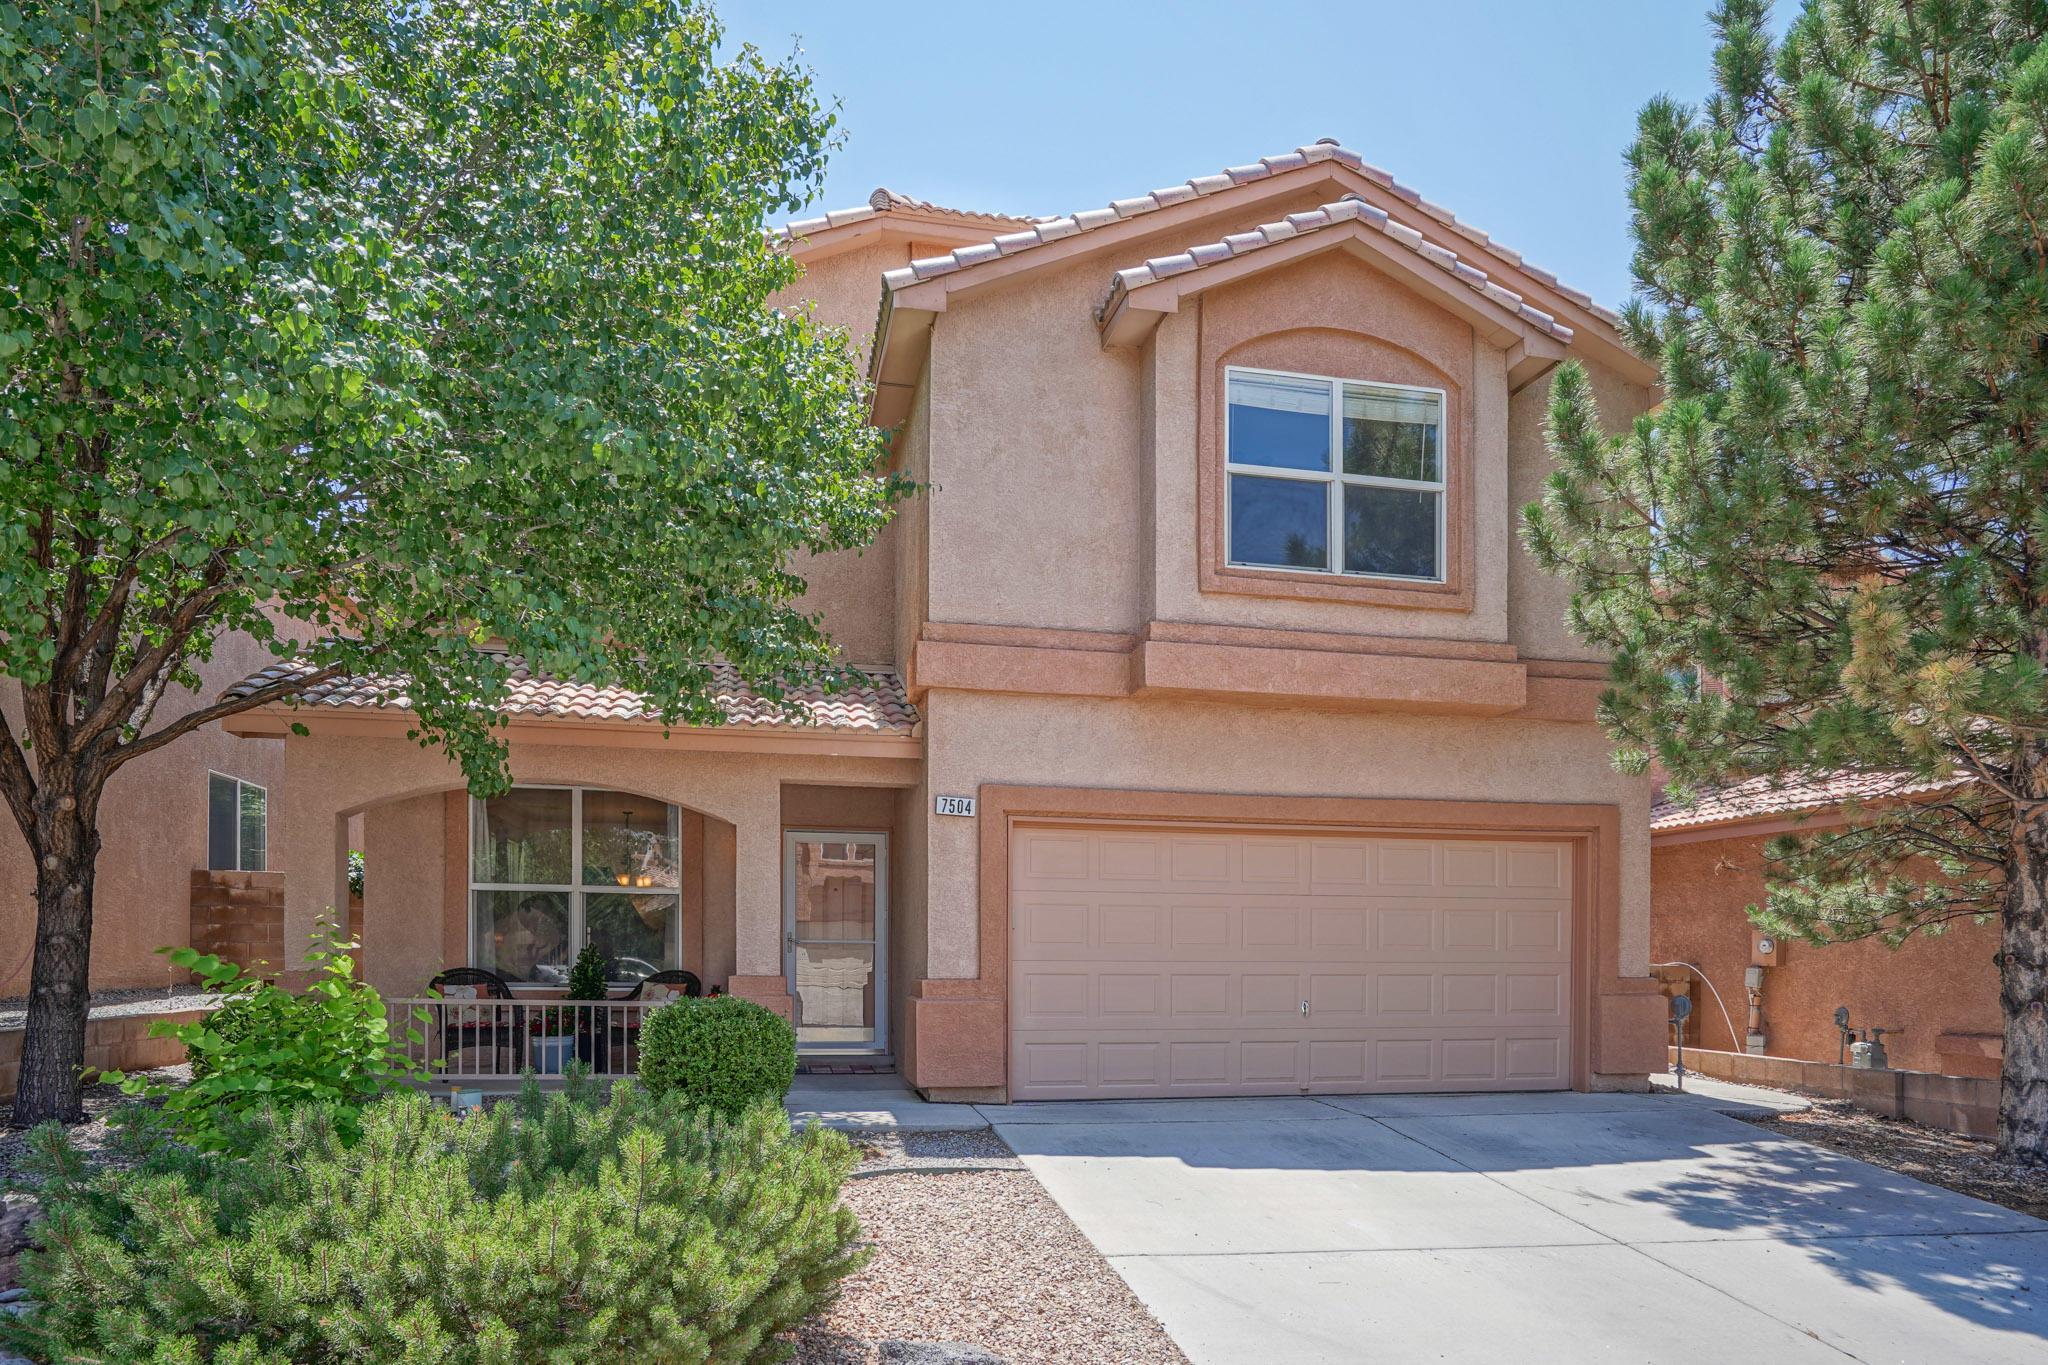 7504 DESERT EAGLE Road, Albuquerque NM 87113